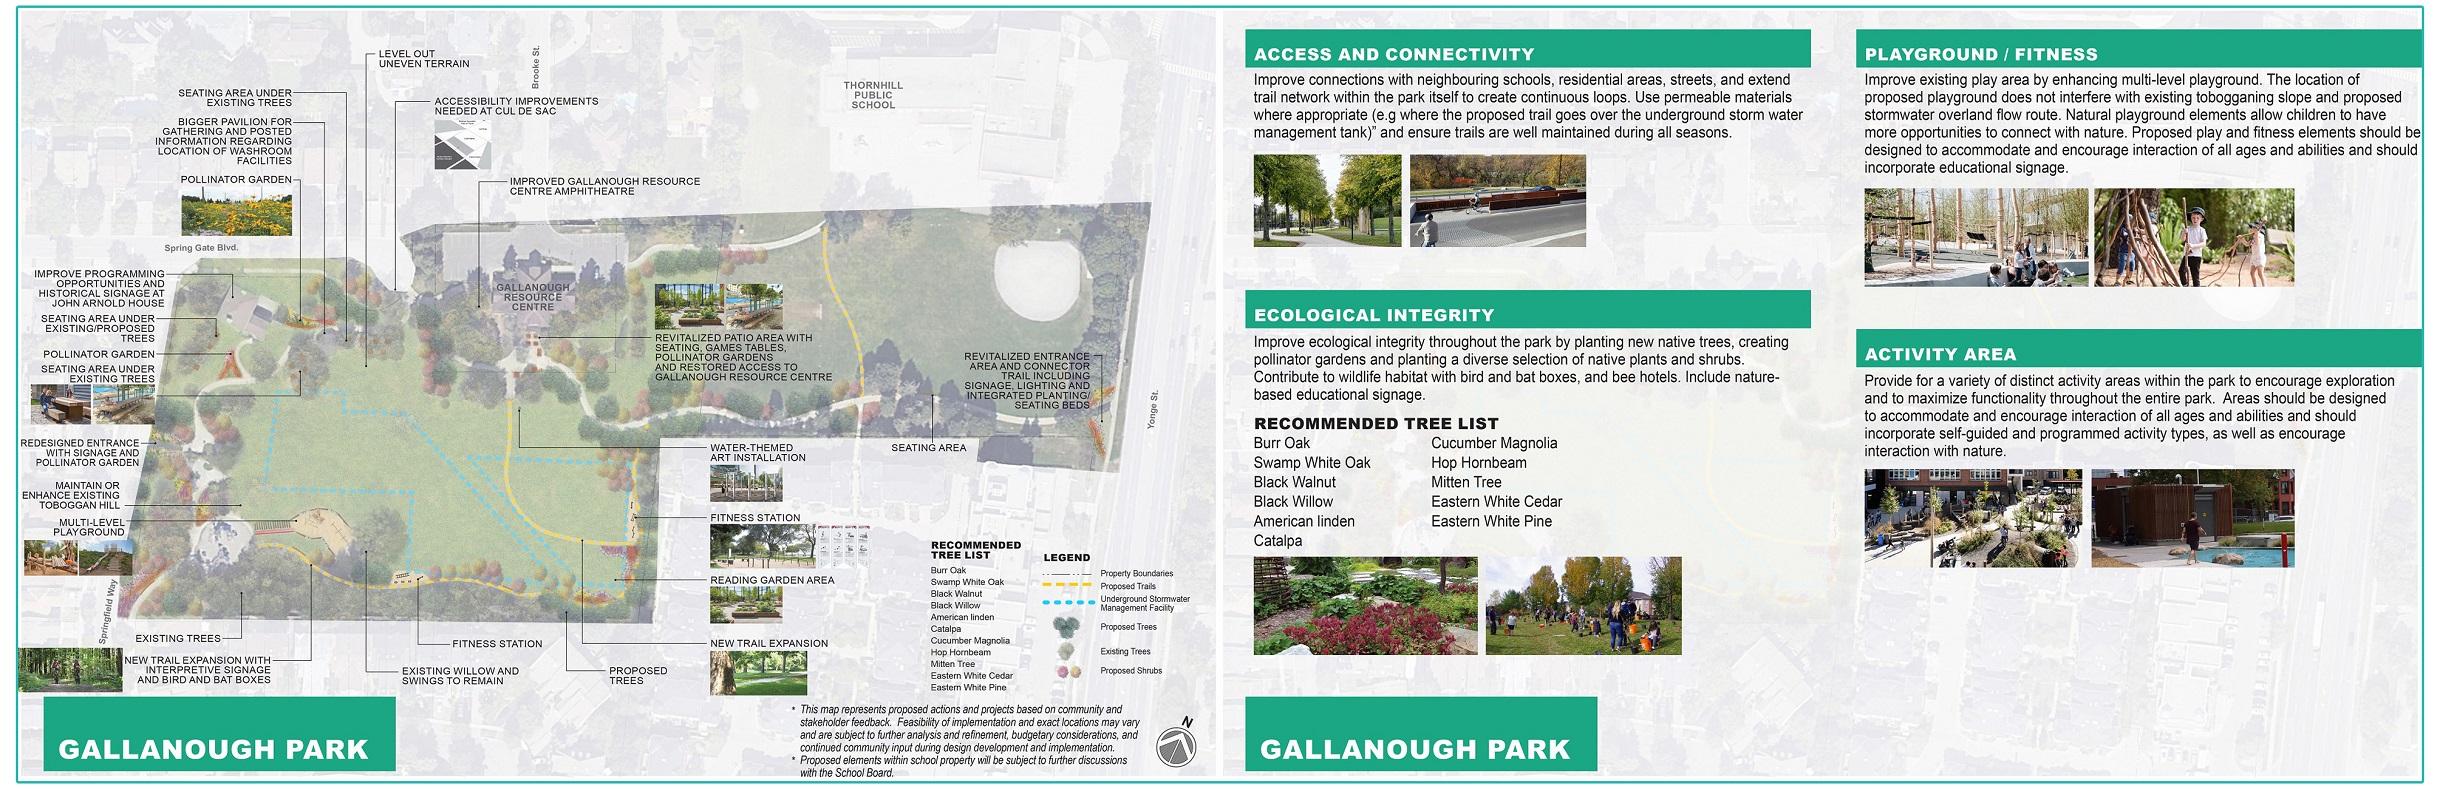 Gallanough Park redevelopment conceptual plan